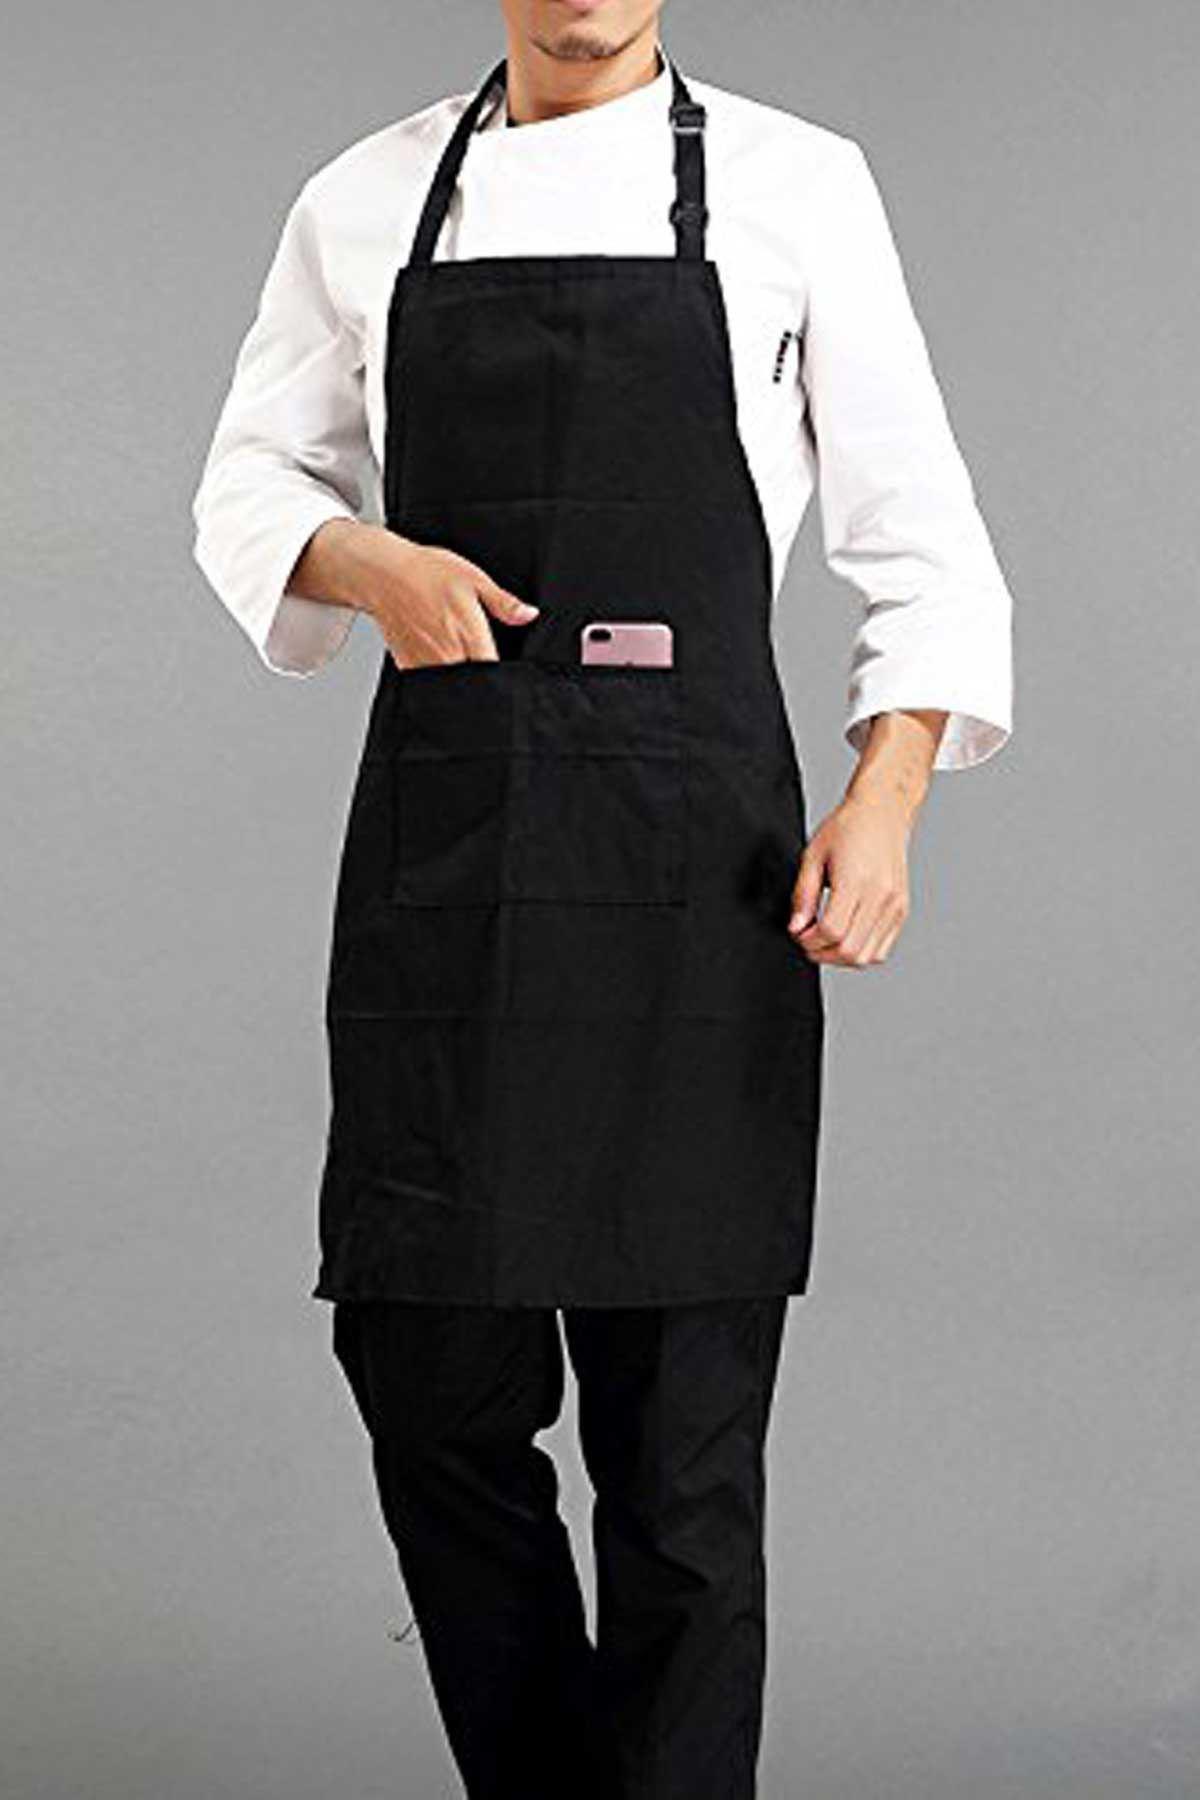 Siyah Askılı Önlük Mutfak Aşçı Şef Önlüğü